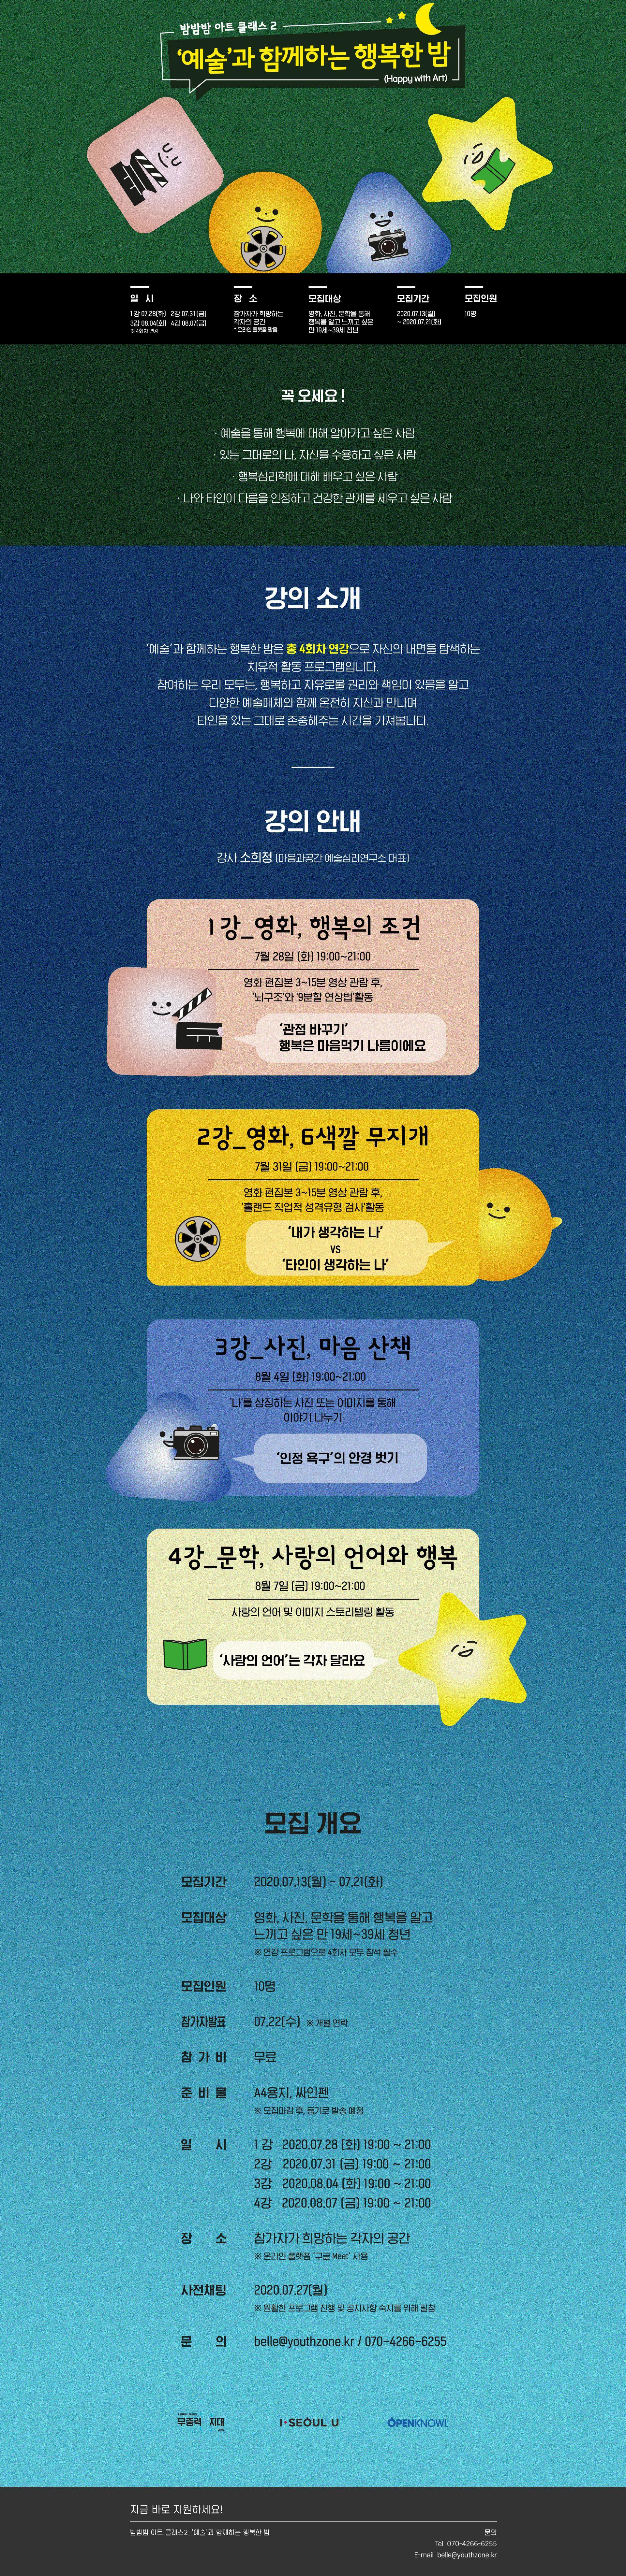 [마감]밤밤밤아트클래스2_예술과 함께하는 행복한 밤